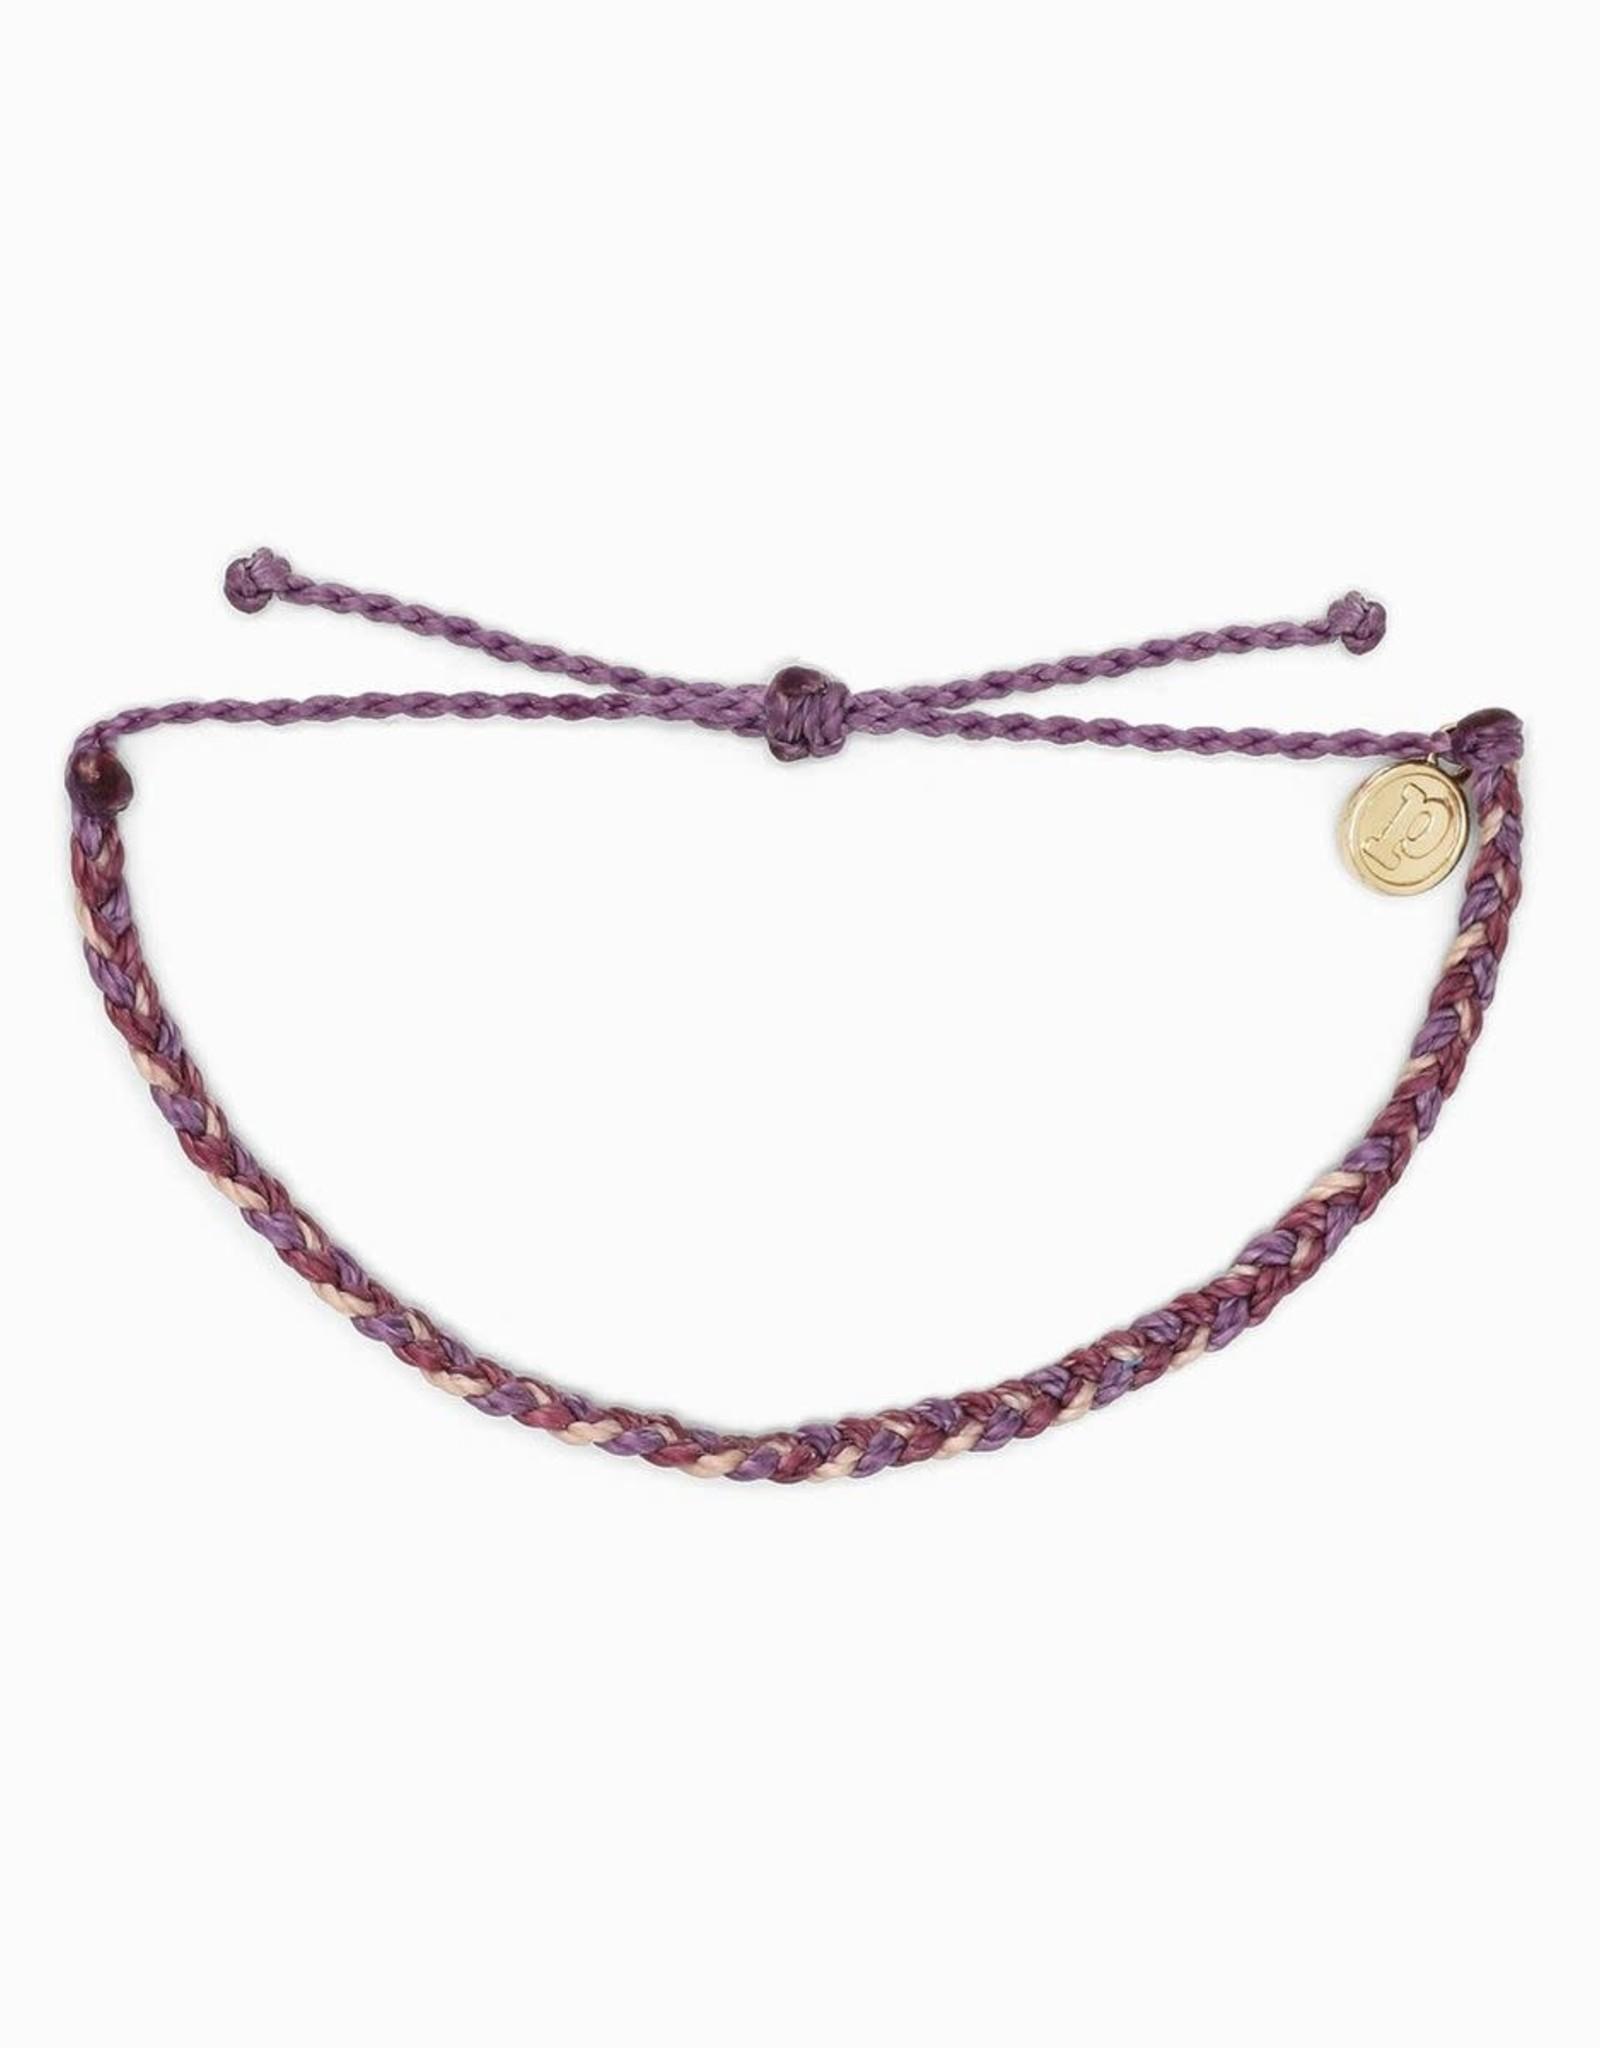 MINI BRAIDED MULTI Bracelet, PURPLE